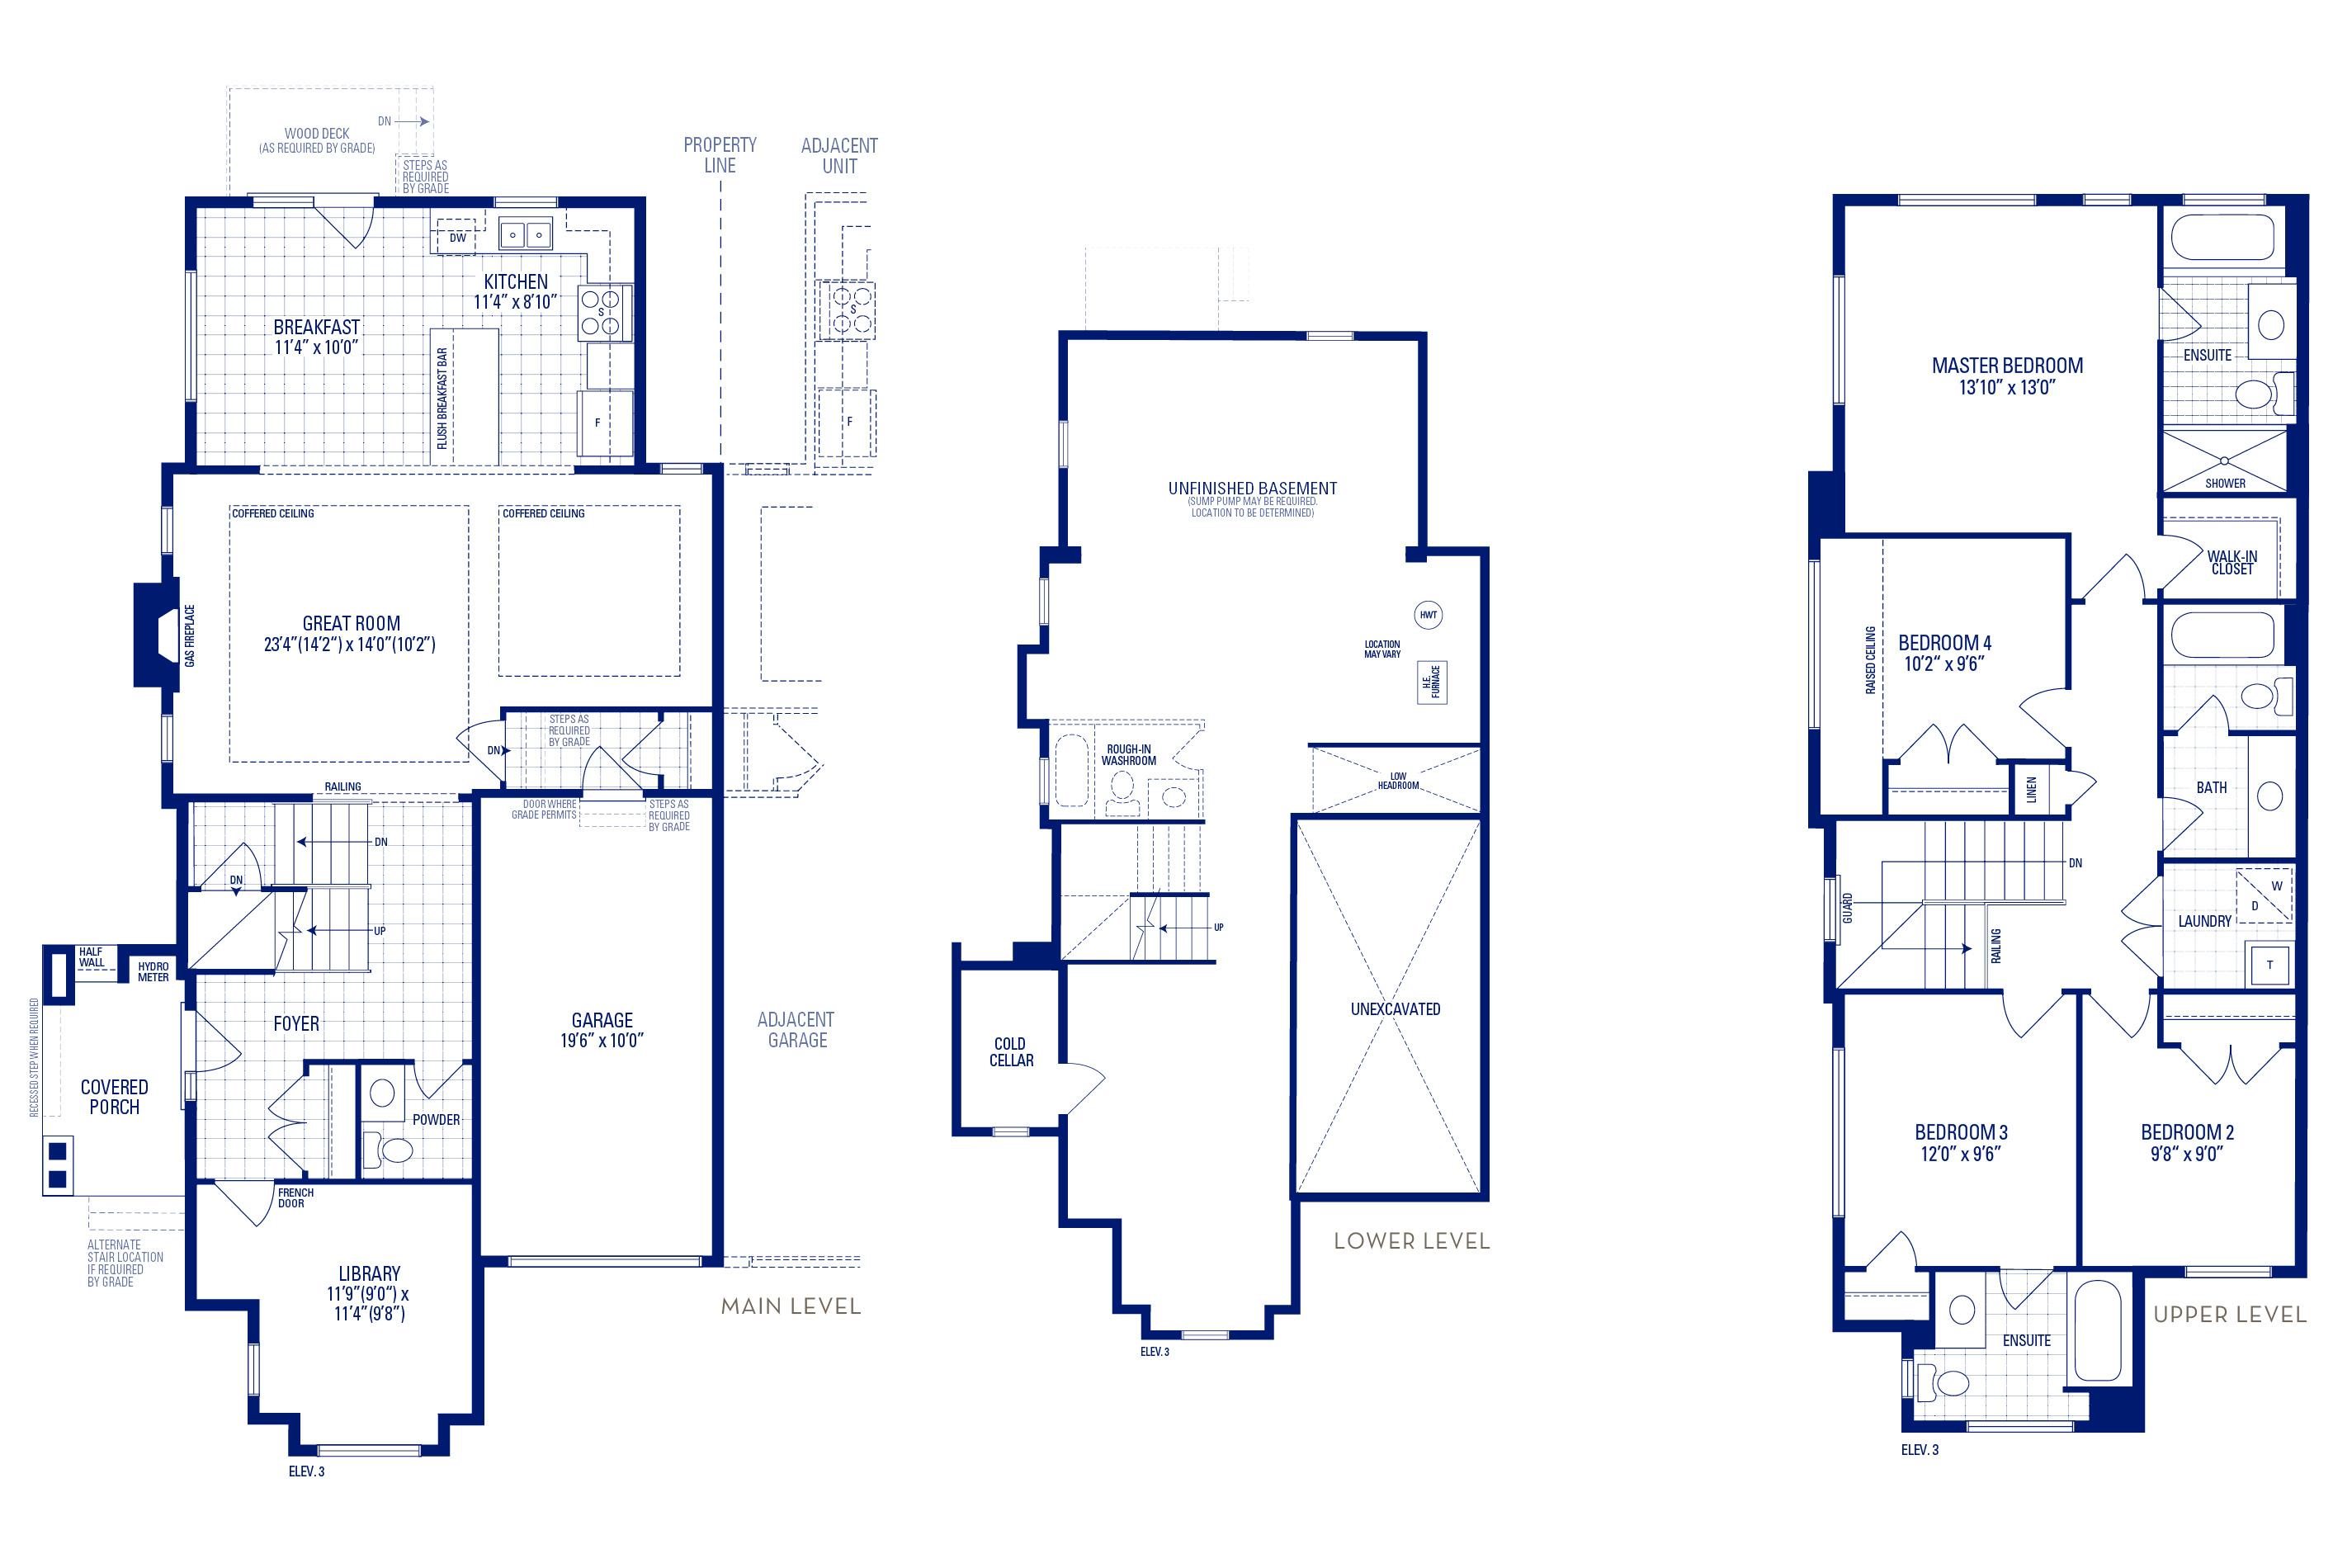 Newberry 12 Elev. 3 Floorplan Thumbnail